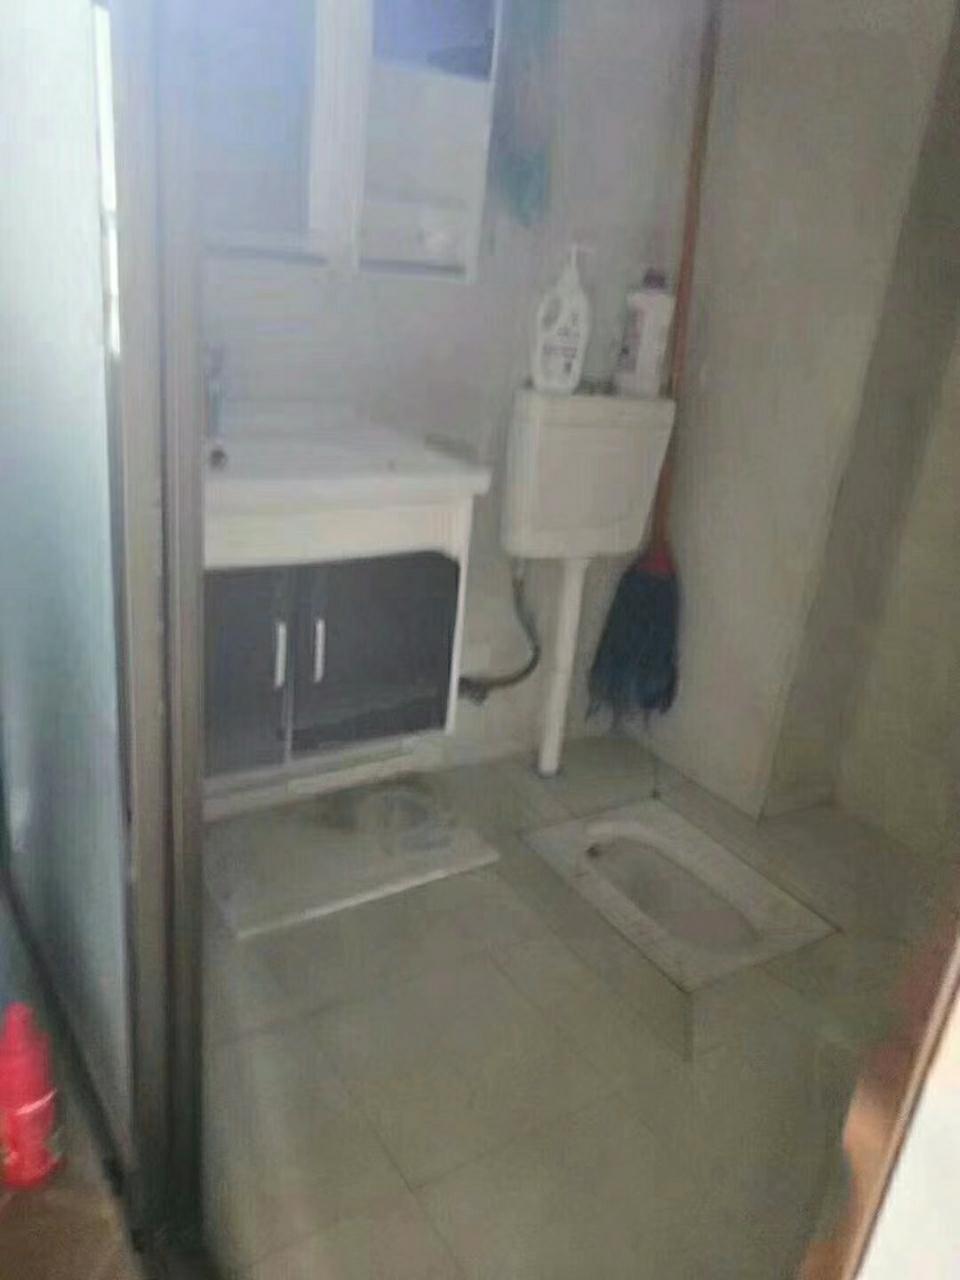 晋鹏·山台山3室 2厅 1卫54.8万元